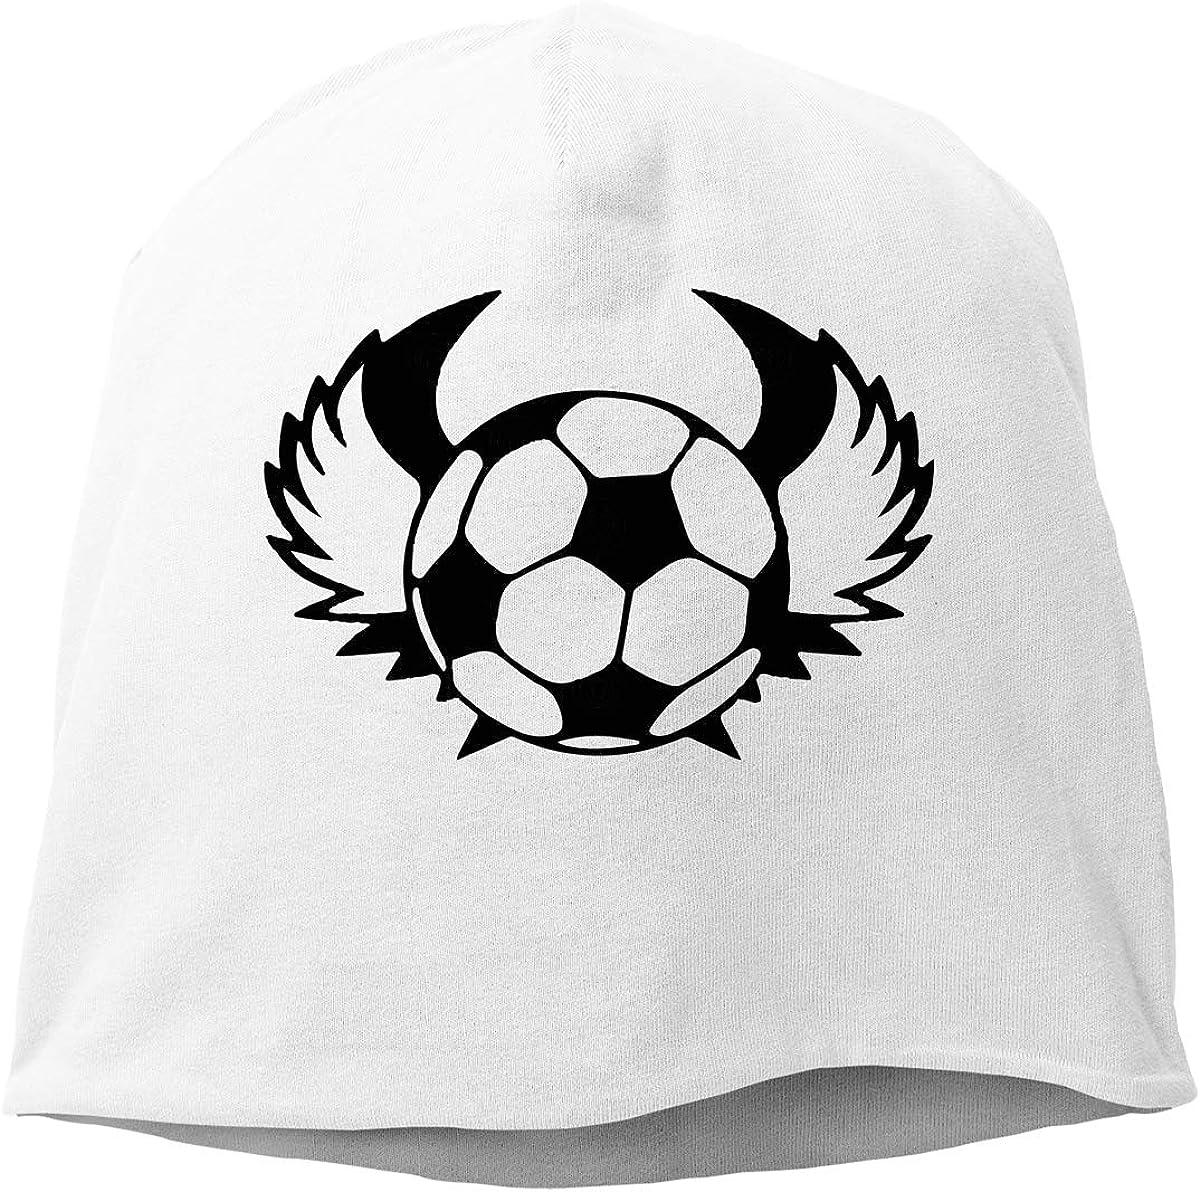 Winter Warm Knit Hat TLPM9LKMBM Soccer-1 Beanie Skull Cap for Women and Men